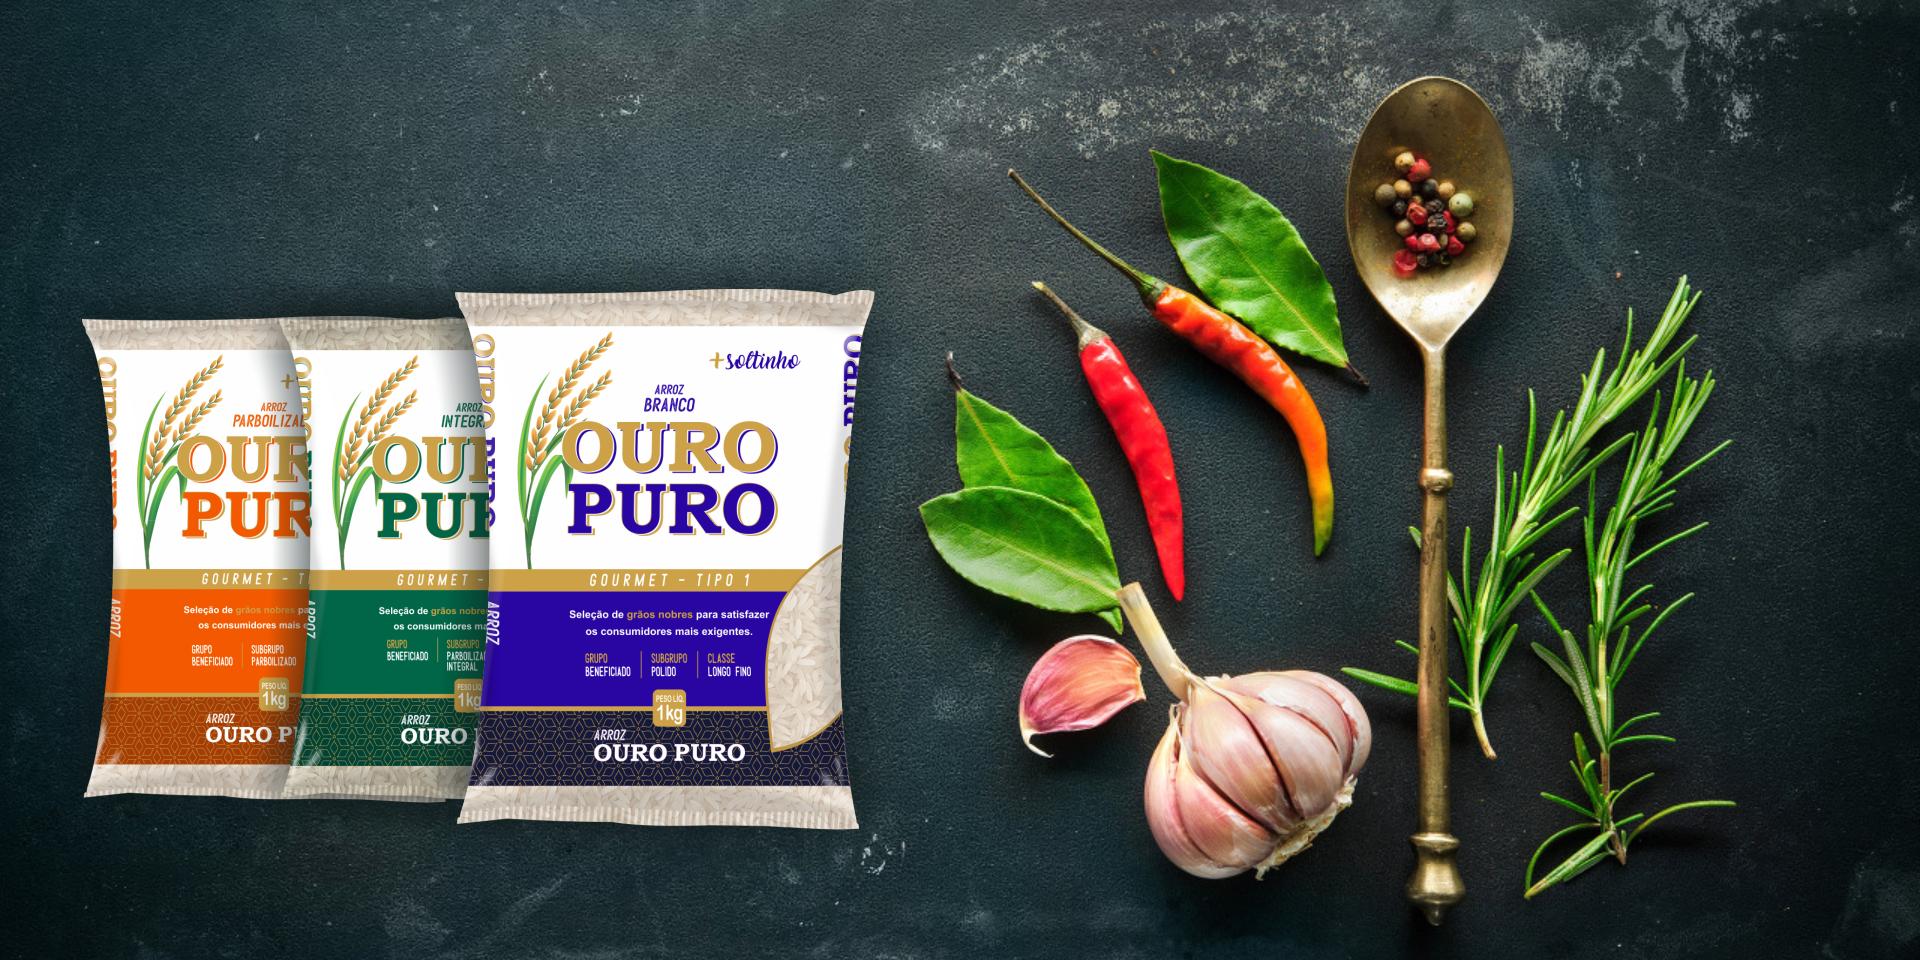 Imagem de fundo mostra as embalagens do arroz Branco, Integral e Parboilizado Ouro Puro, pimentas, alho e uma colher